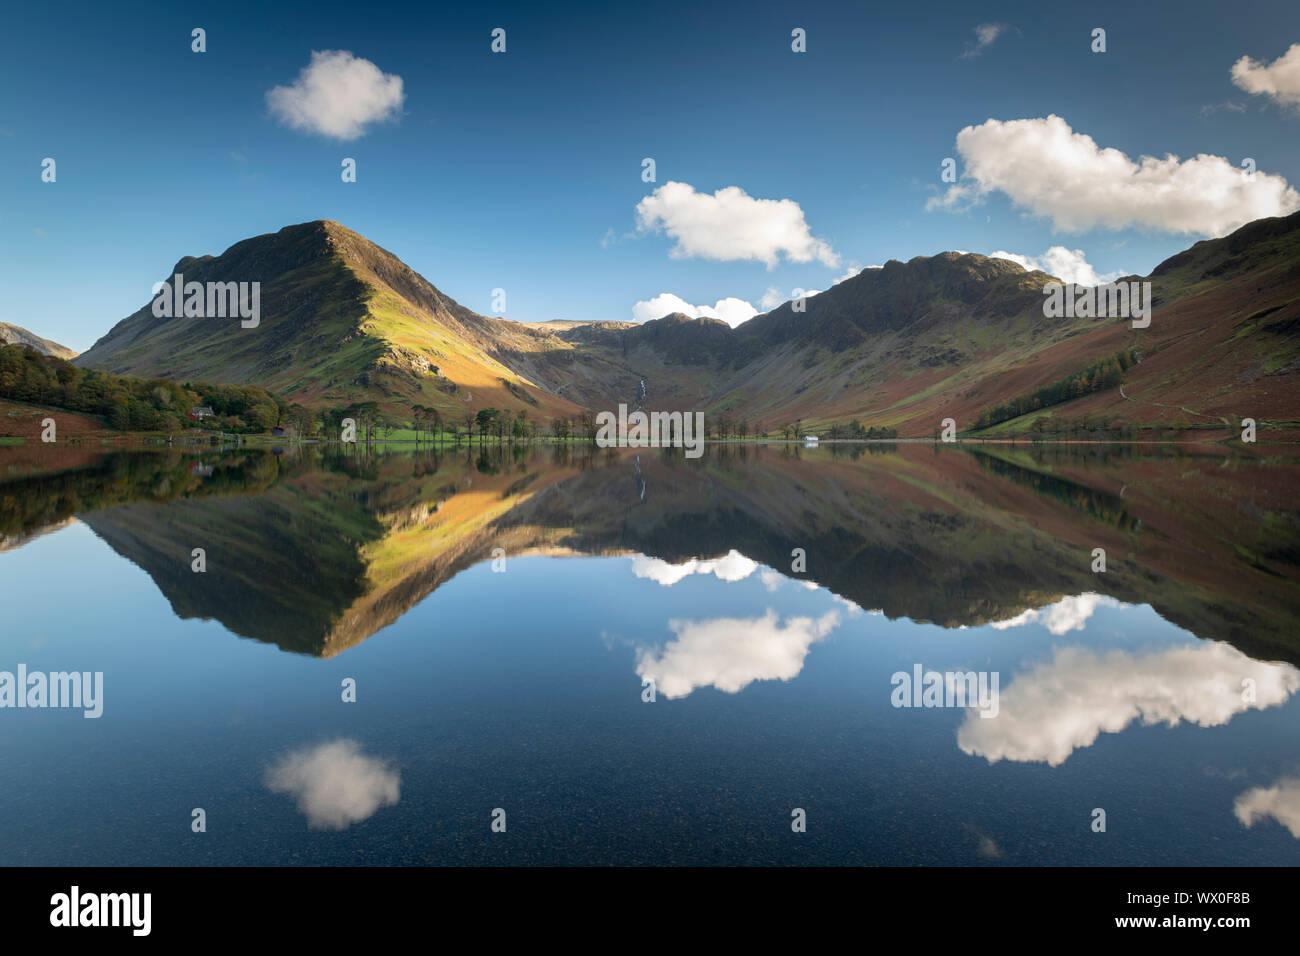 Réflexions sur une parfaite dans la paisible Buttermere Lake District National Park, UNESCO World Heritage Site, Cumbria, Angleterre, Royaume-Uni, Europe Banque D'Images